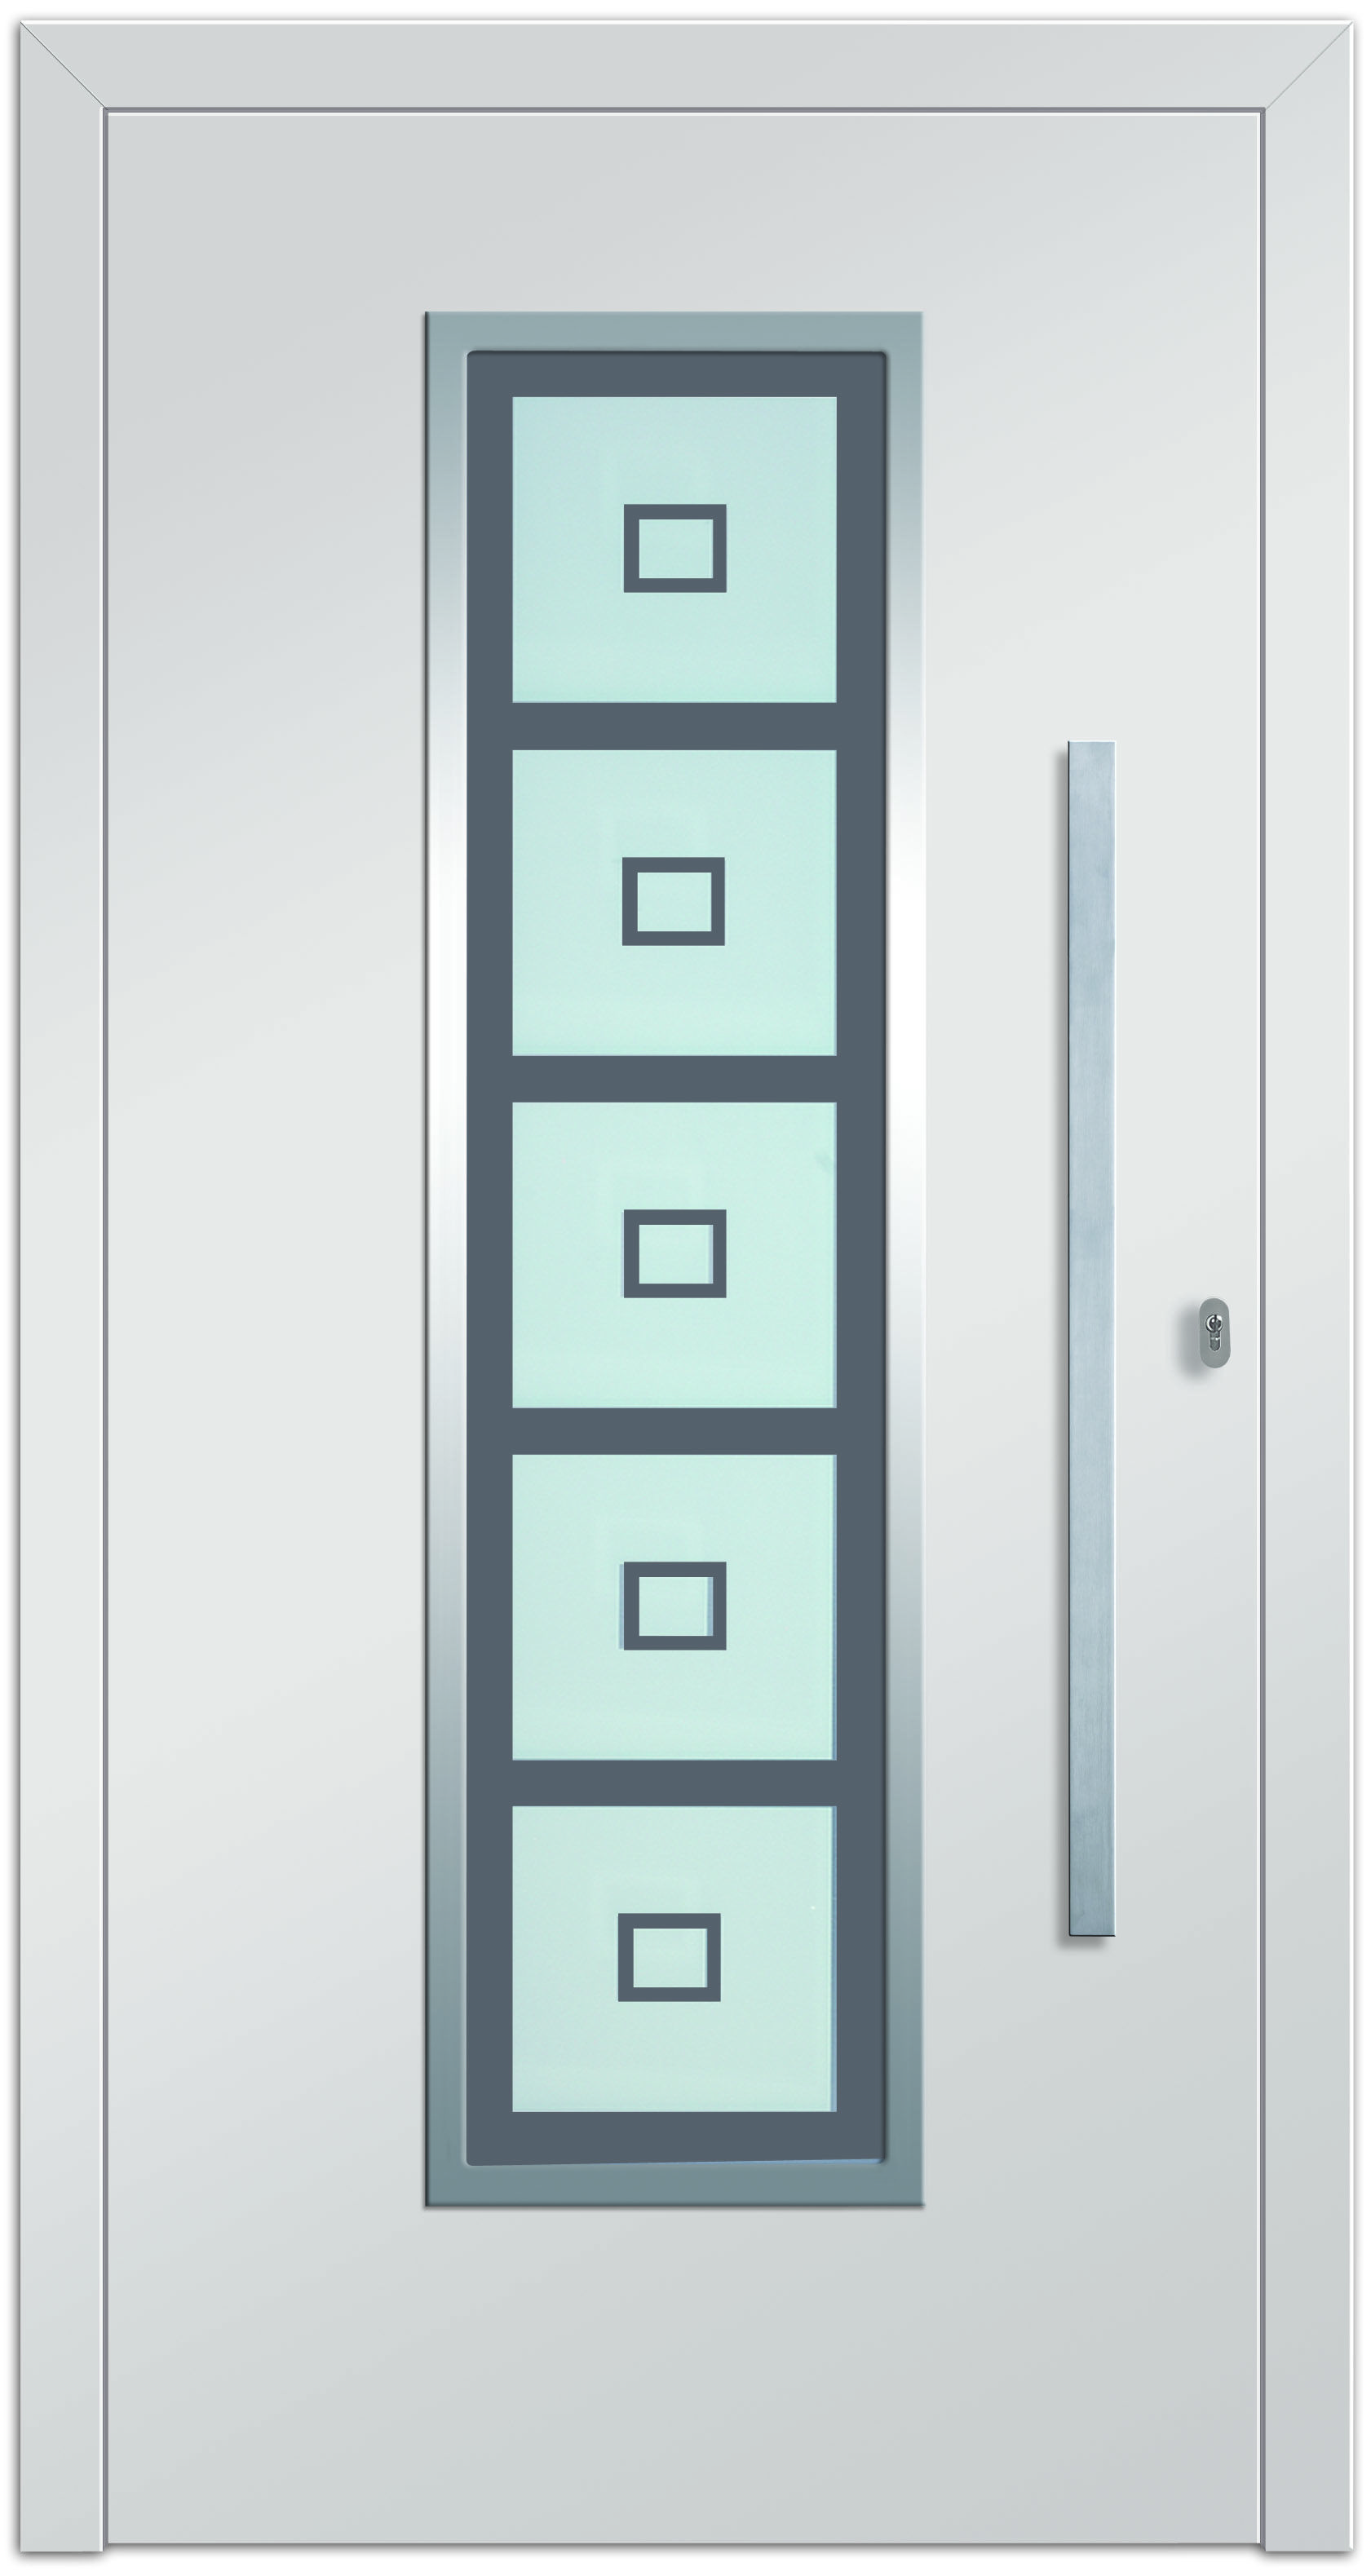 Alasco 2 Aluminium-Eingangstüre in weiß - Aussenansicht! Erhätlich bei Fenster-Schmidinger aus Gramastetten in Oberösterreich!  #doors #türen #alutüren